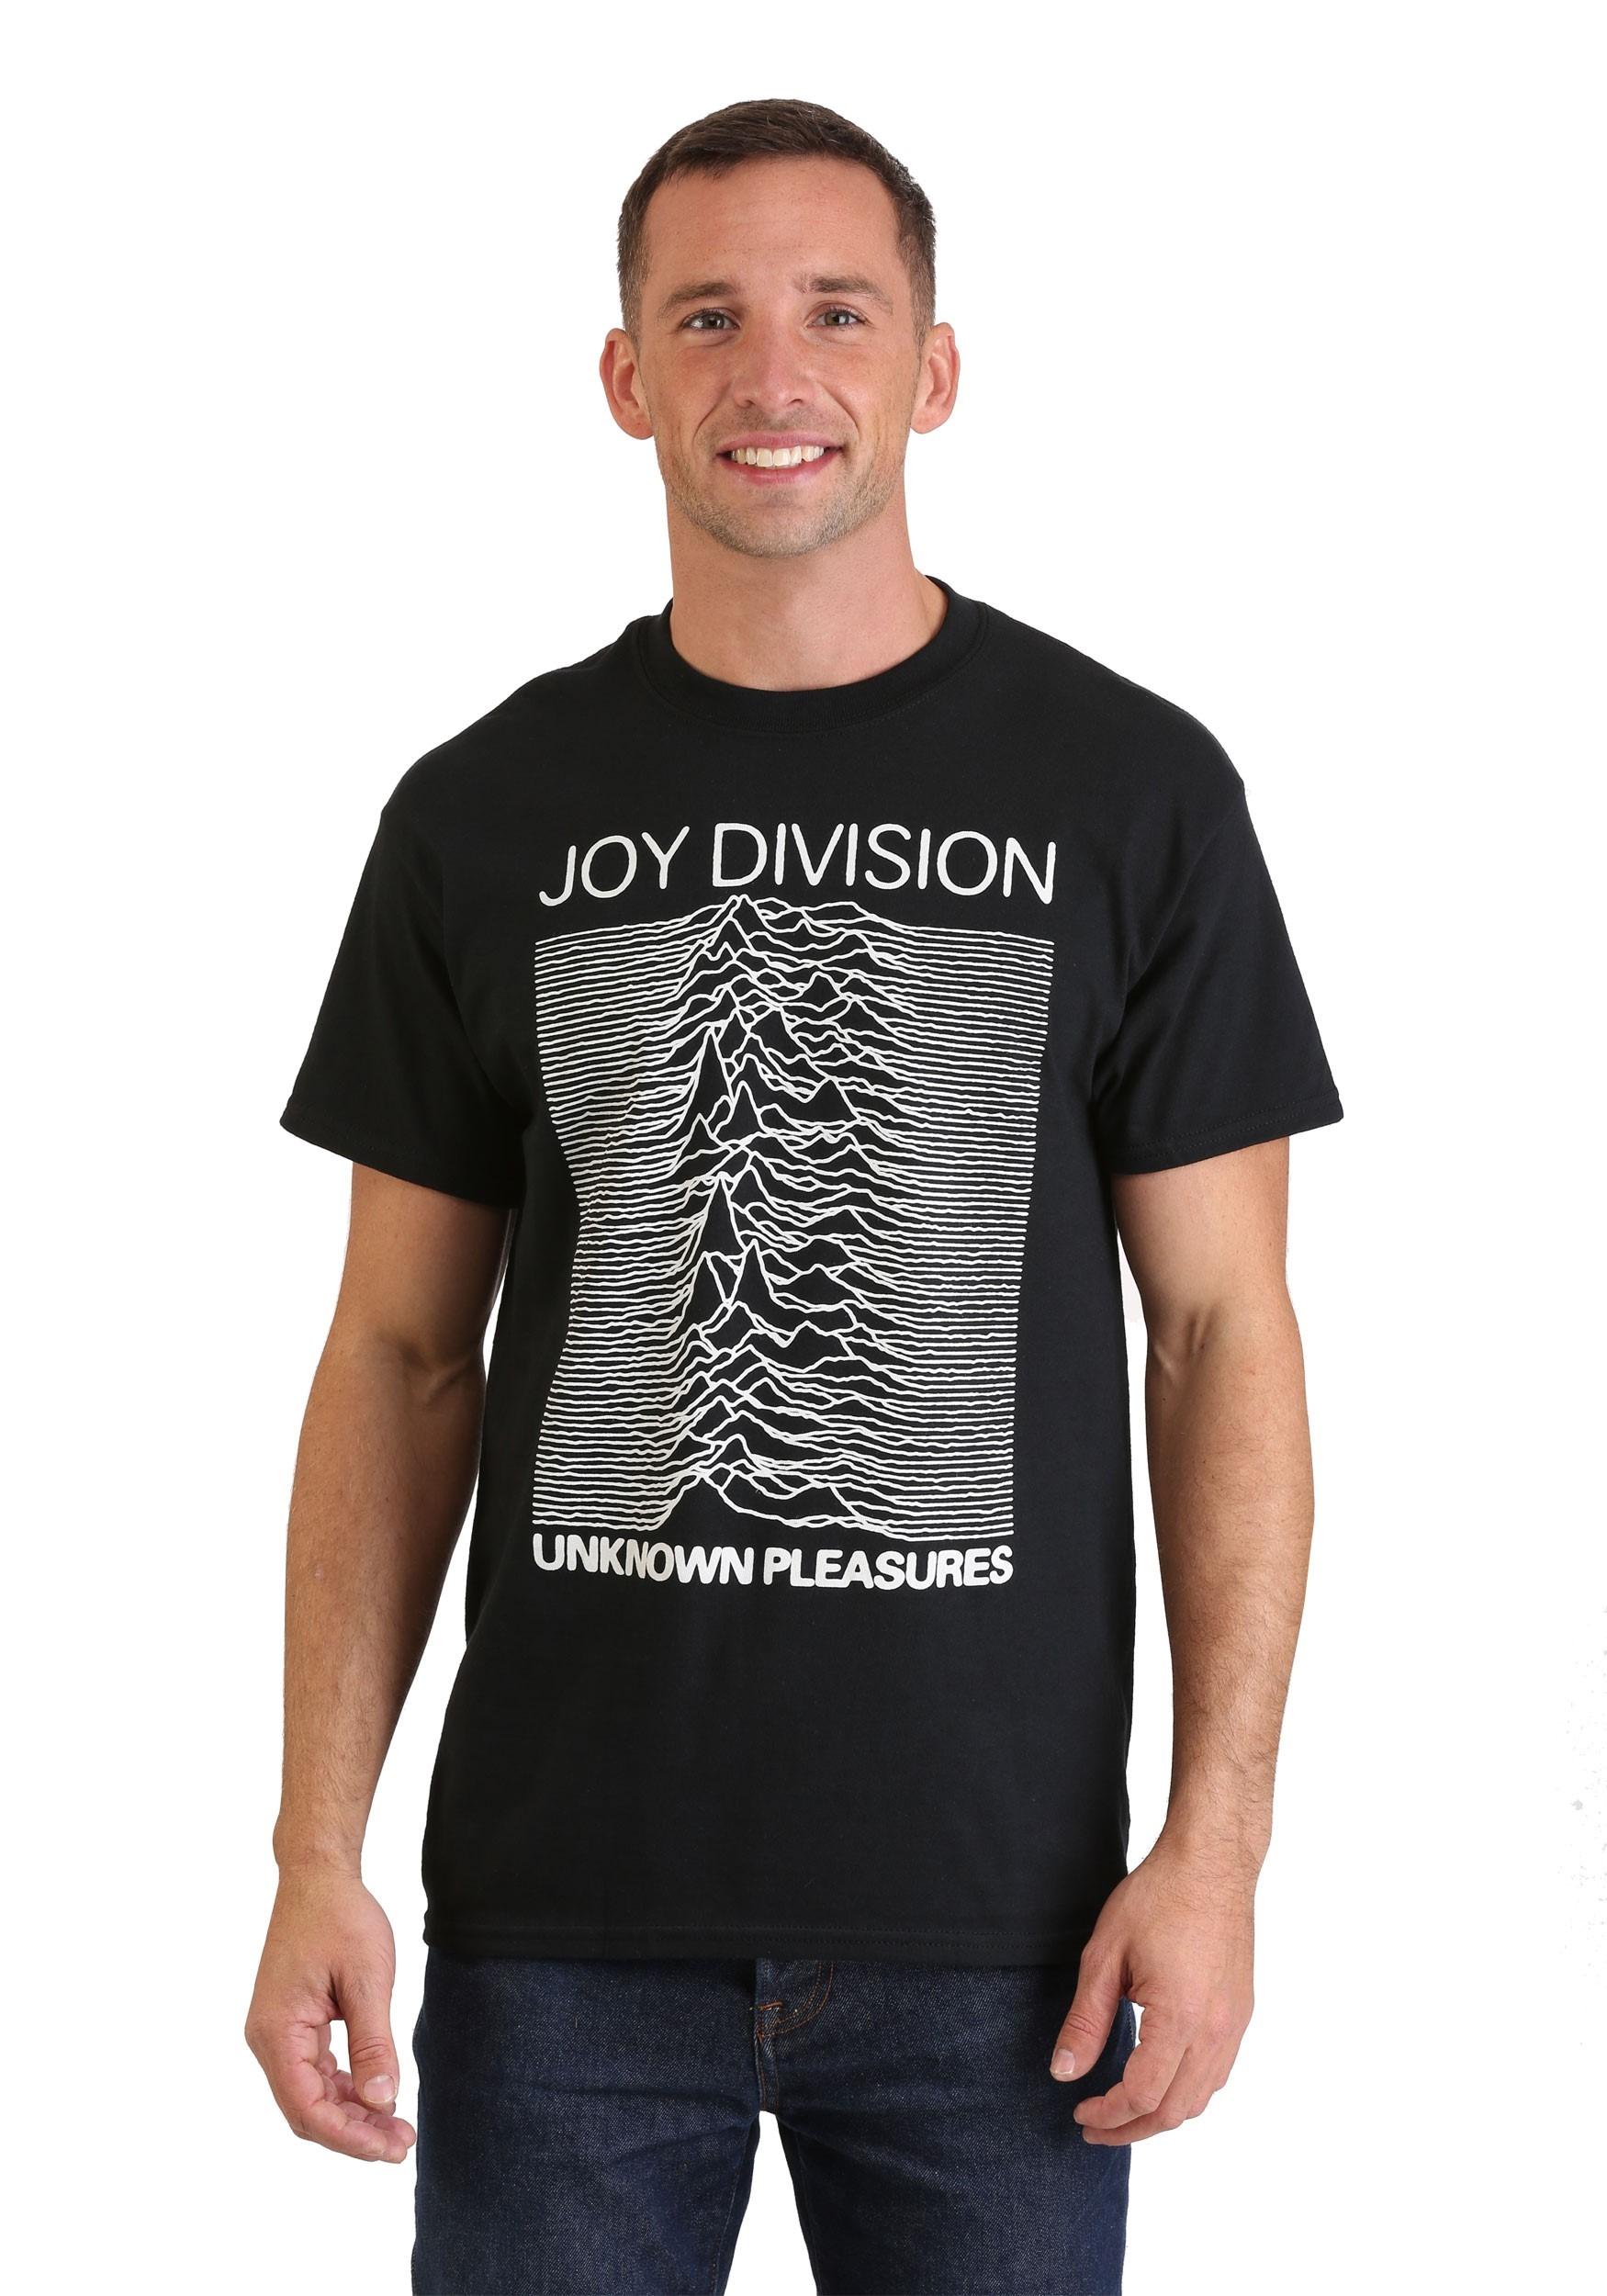 Joy Division Unknown Pleasures Black T-Shirt for Men